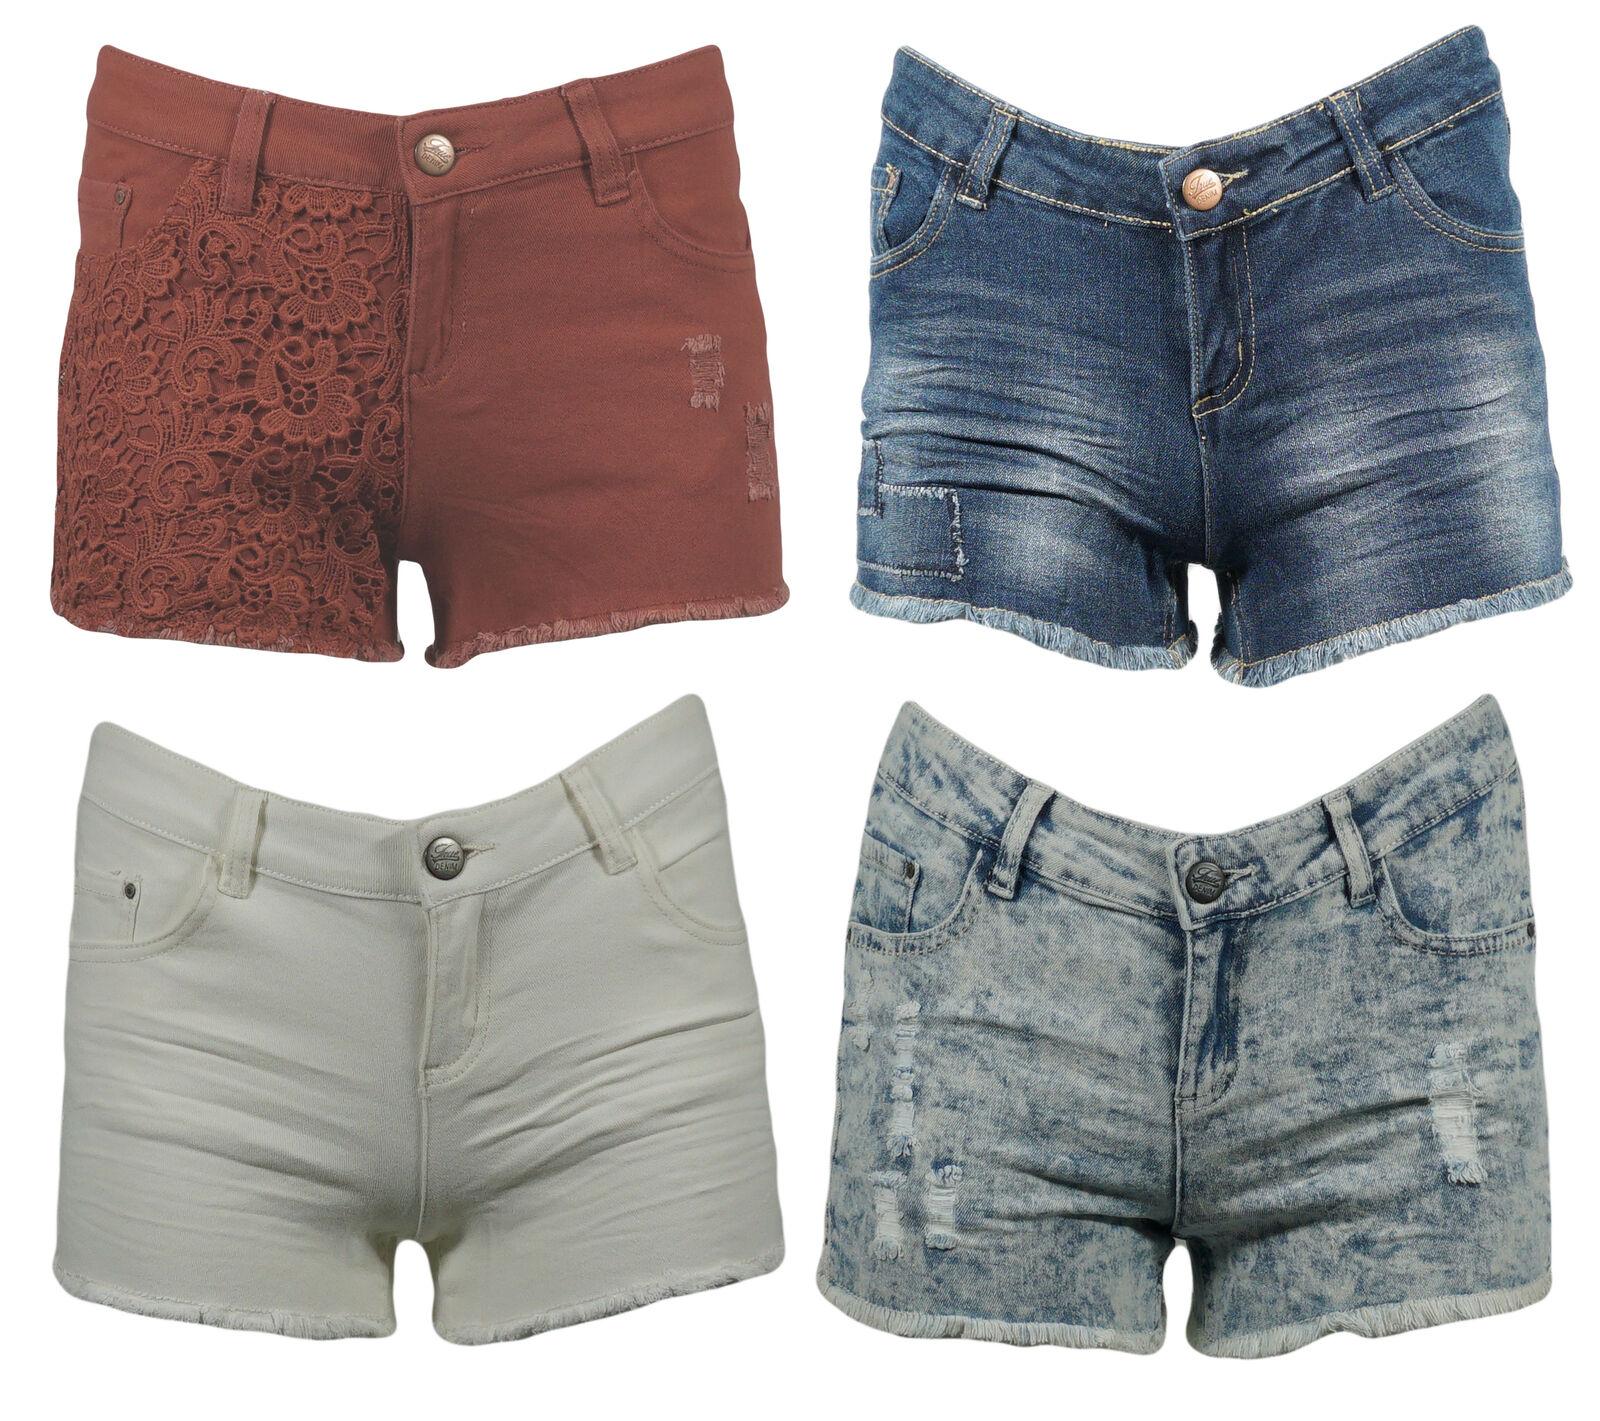 9e6ecf5e88354 Kurze Jeansdamen Test Vergleich +++ Kurze Jeansdamen Schnäppchen!